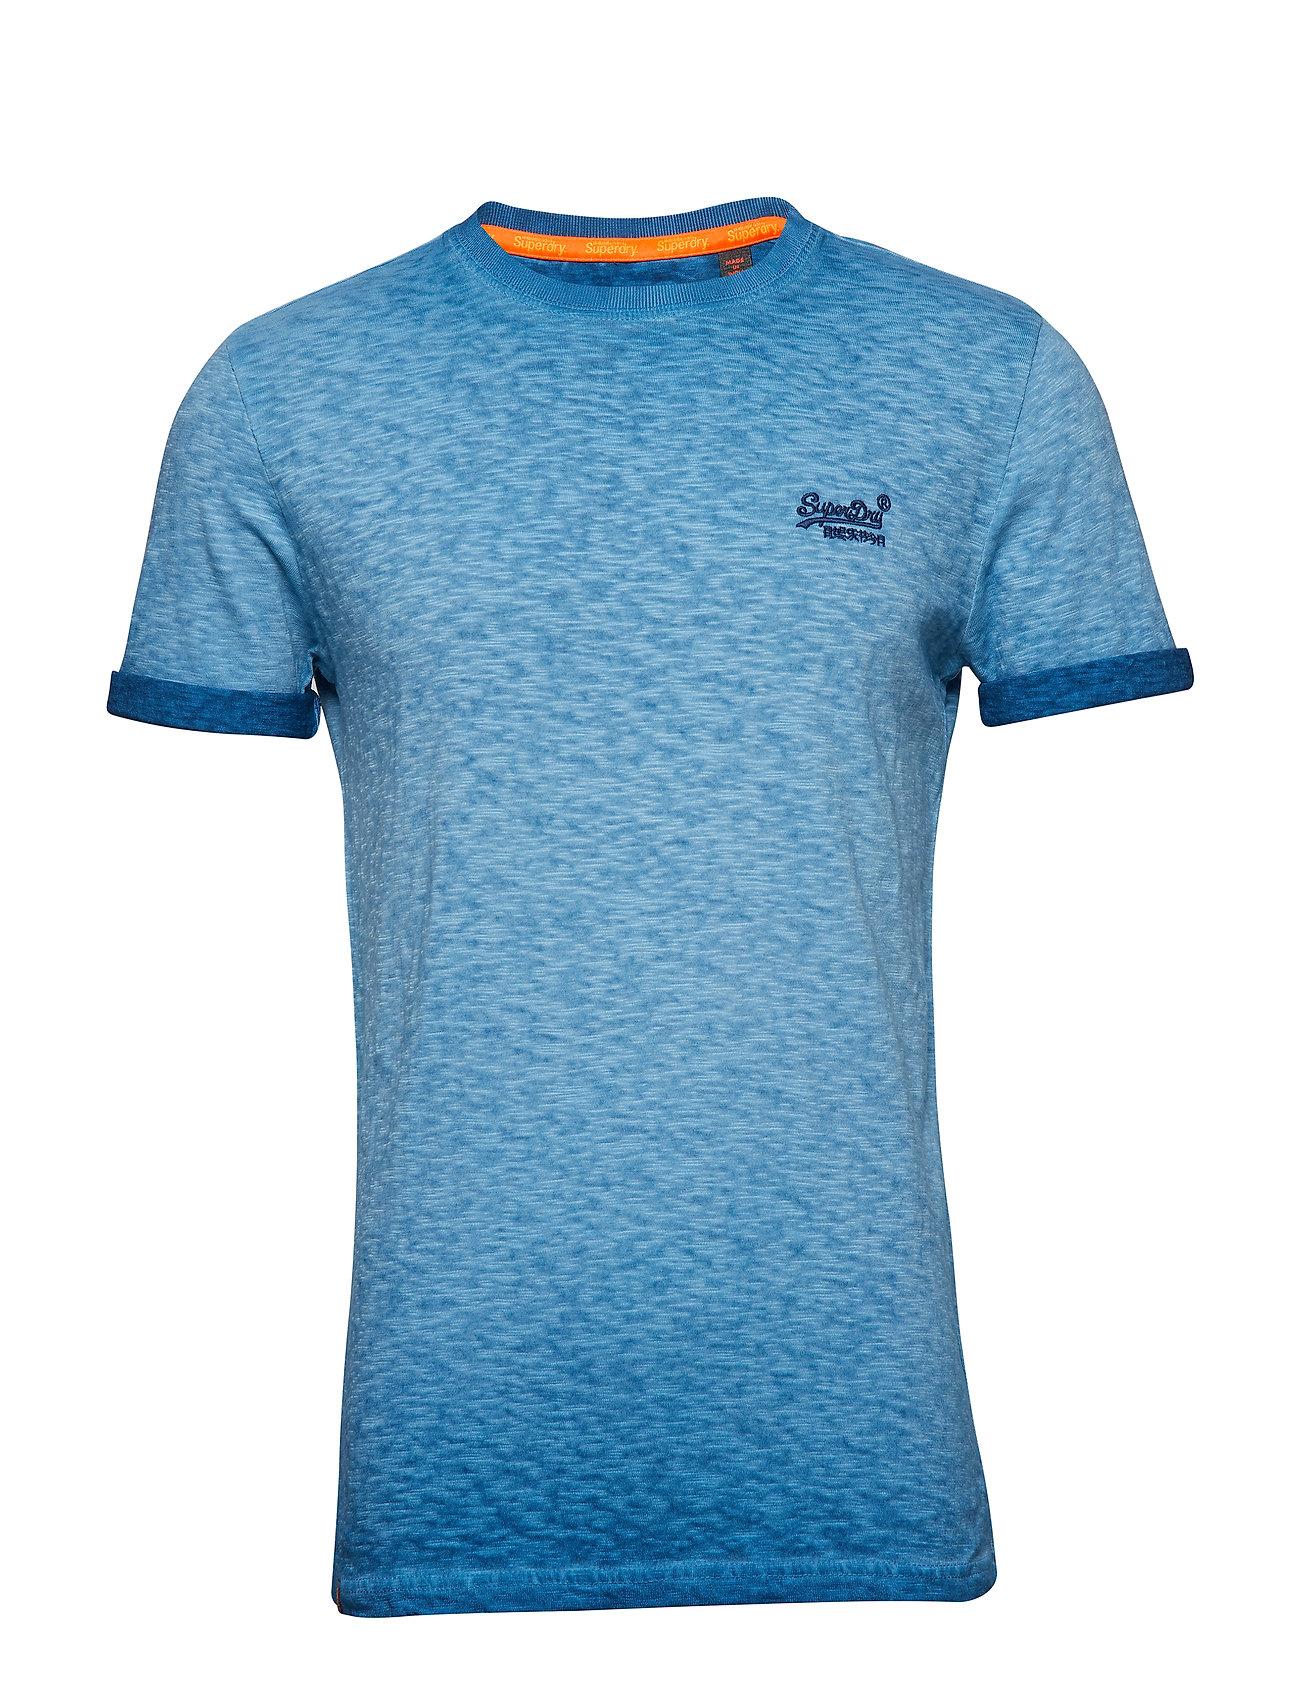 Low Roller Tee T shirt Blå SUPERDRY